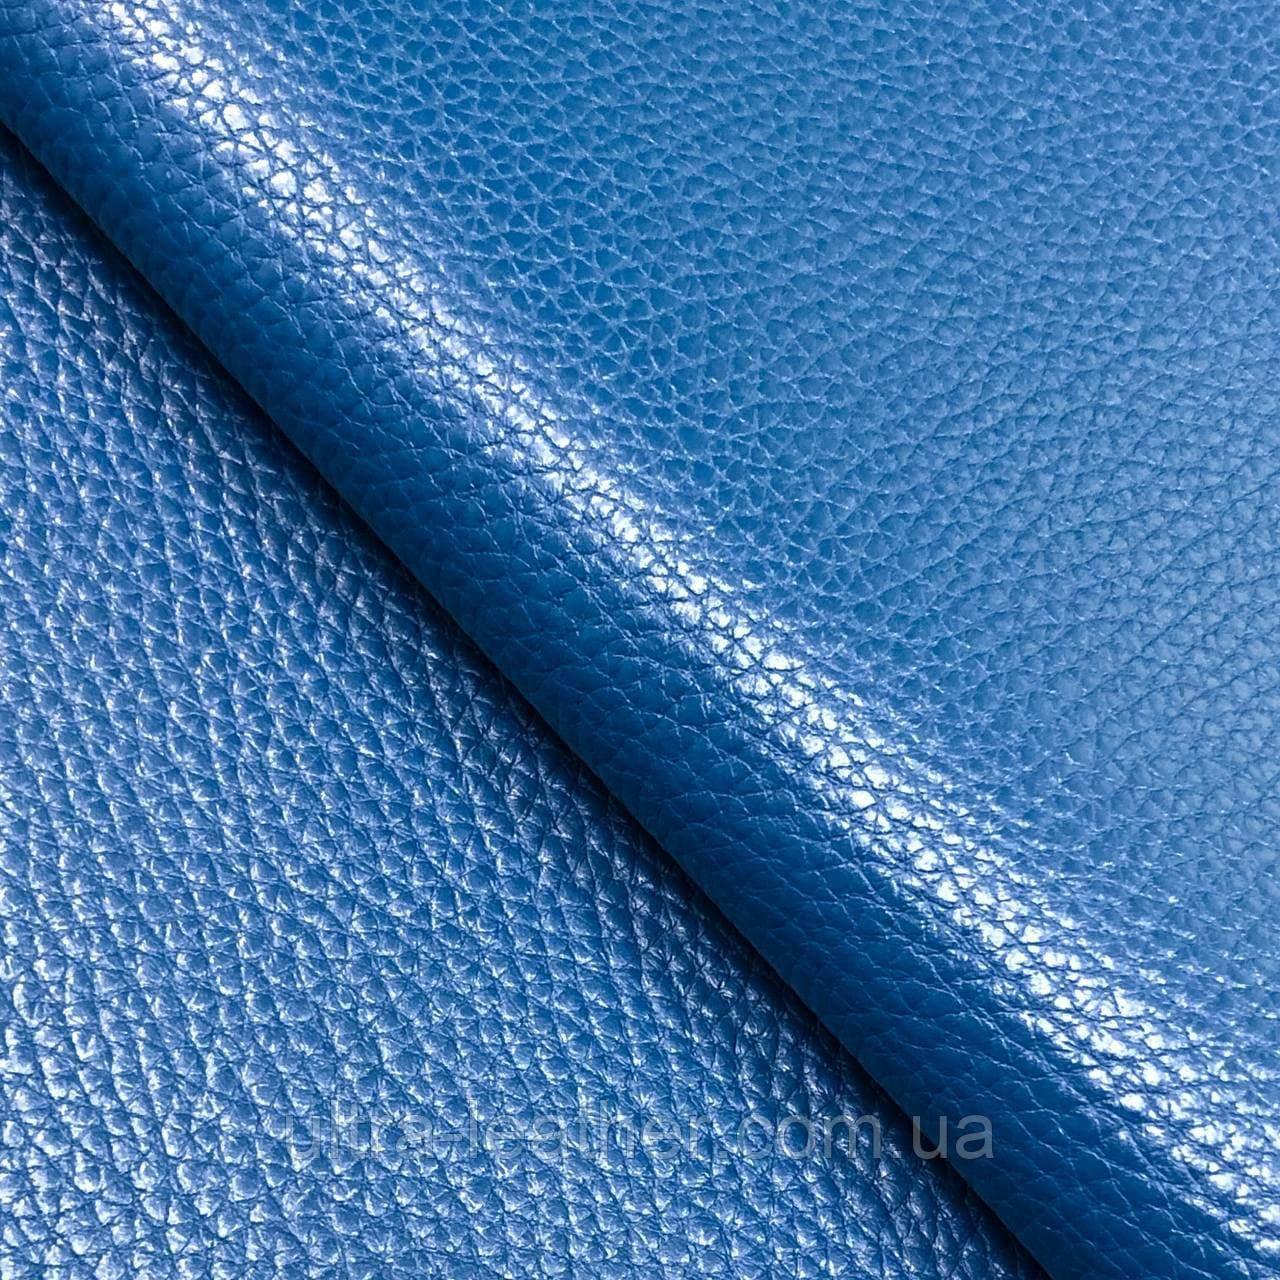 Натуральна шкіра галантерейна ФЛЕШ, Синій, Pantone 18-4432